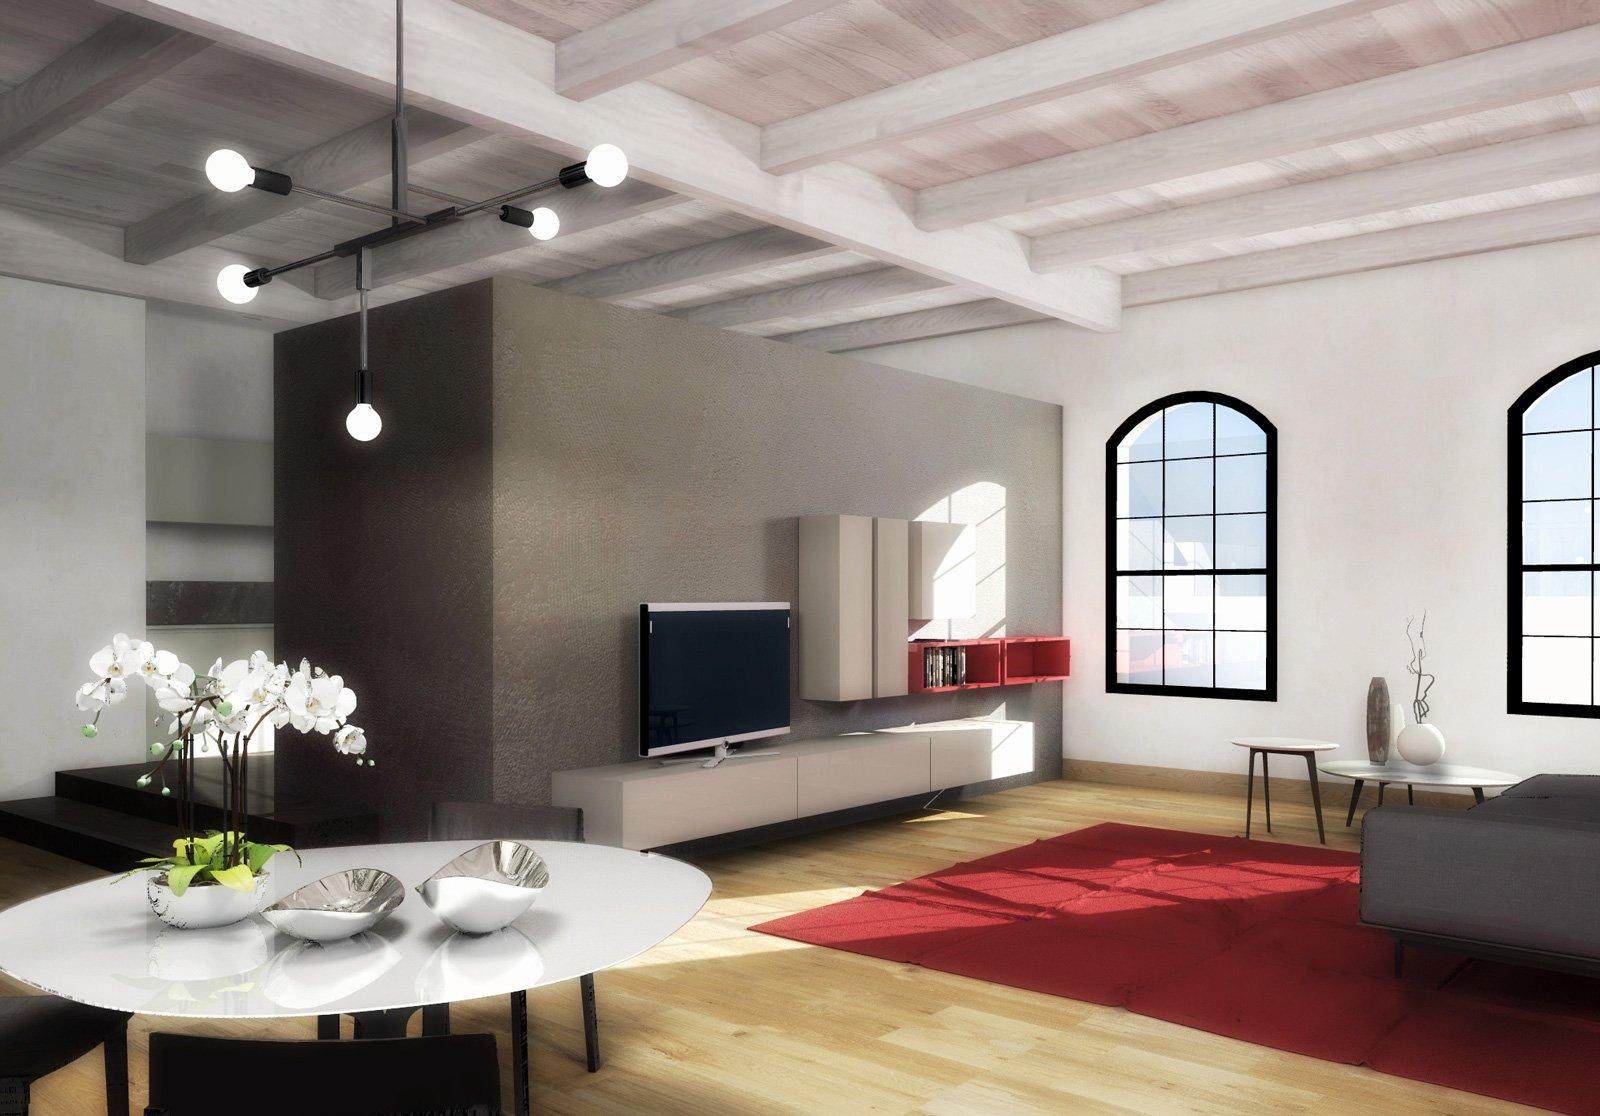 Open space il progetto d 39 arredo per un maxi monolocale for Progetto zona giorno